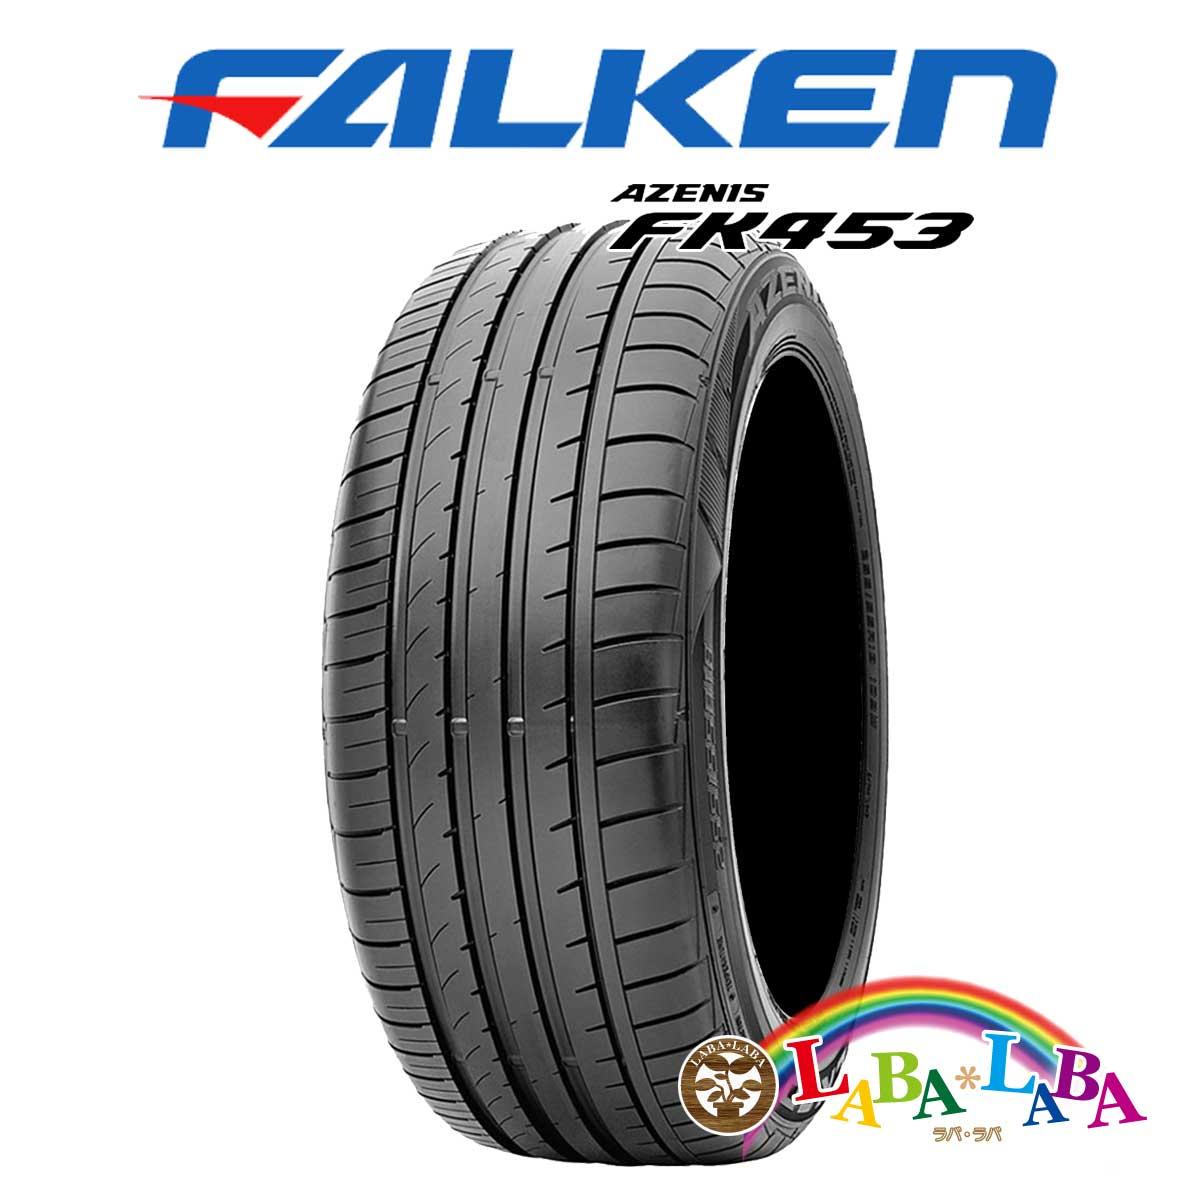 2本以上送料無料 国産タイヤ サマータイヤ 新品 タイヤのみ FALKEN ファルケン 45R19 245 FK453 正規認証品 新規格 XL 102Y アゼニス スーパーセール AZENIS